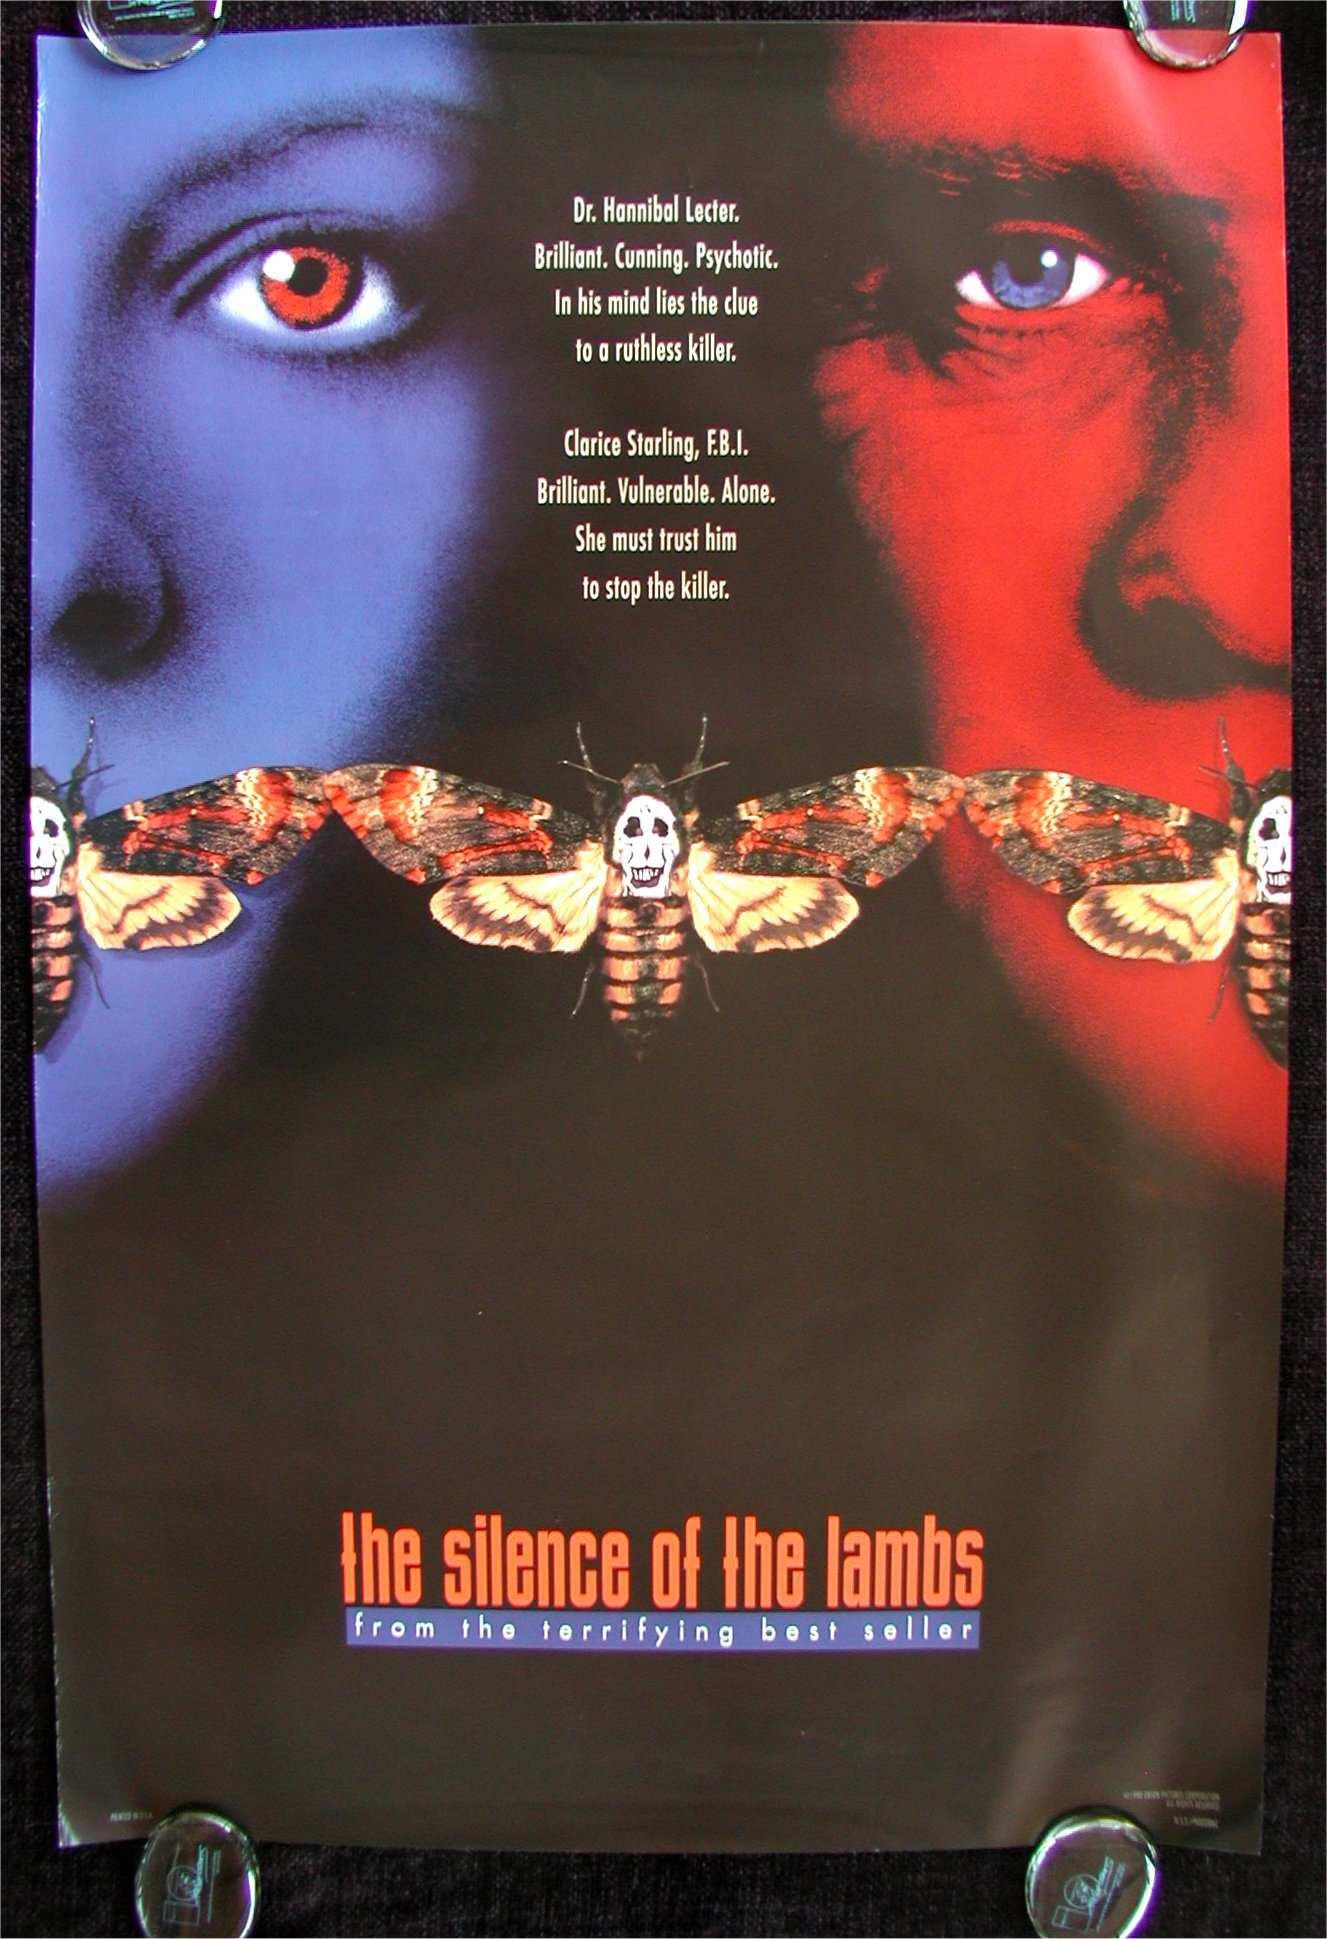 《沉默的羔羊》海报